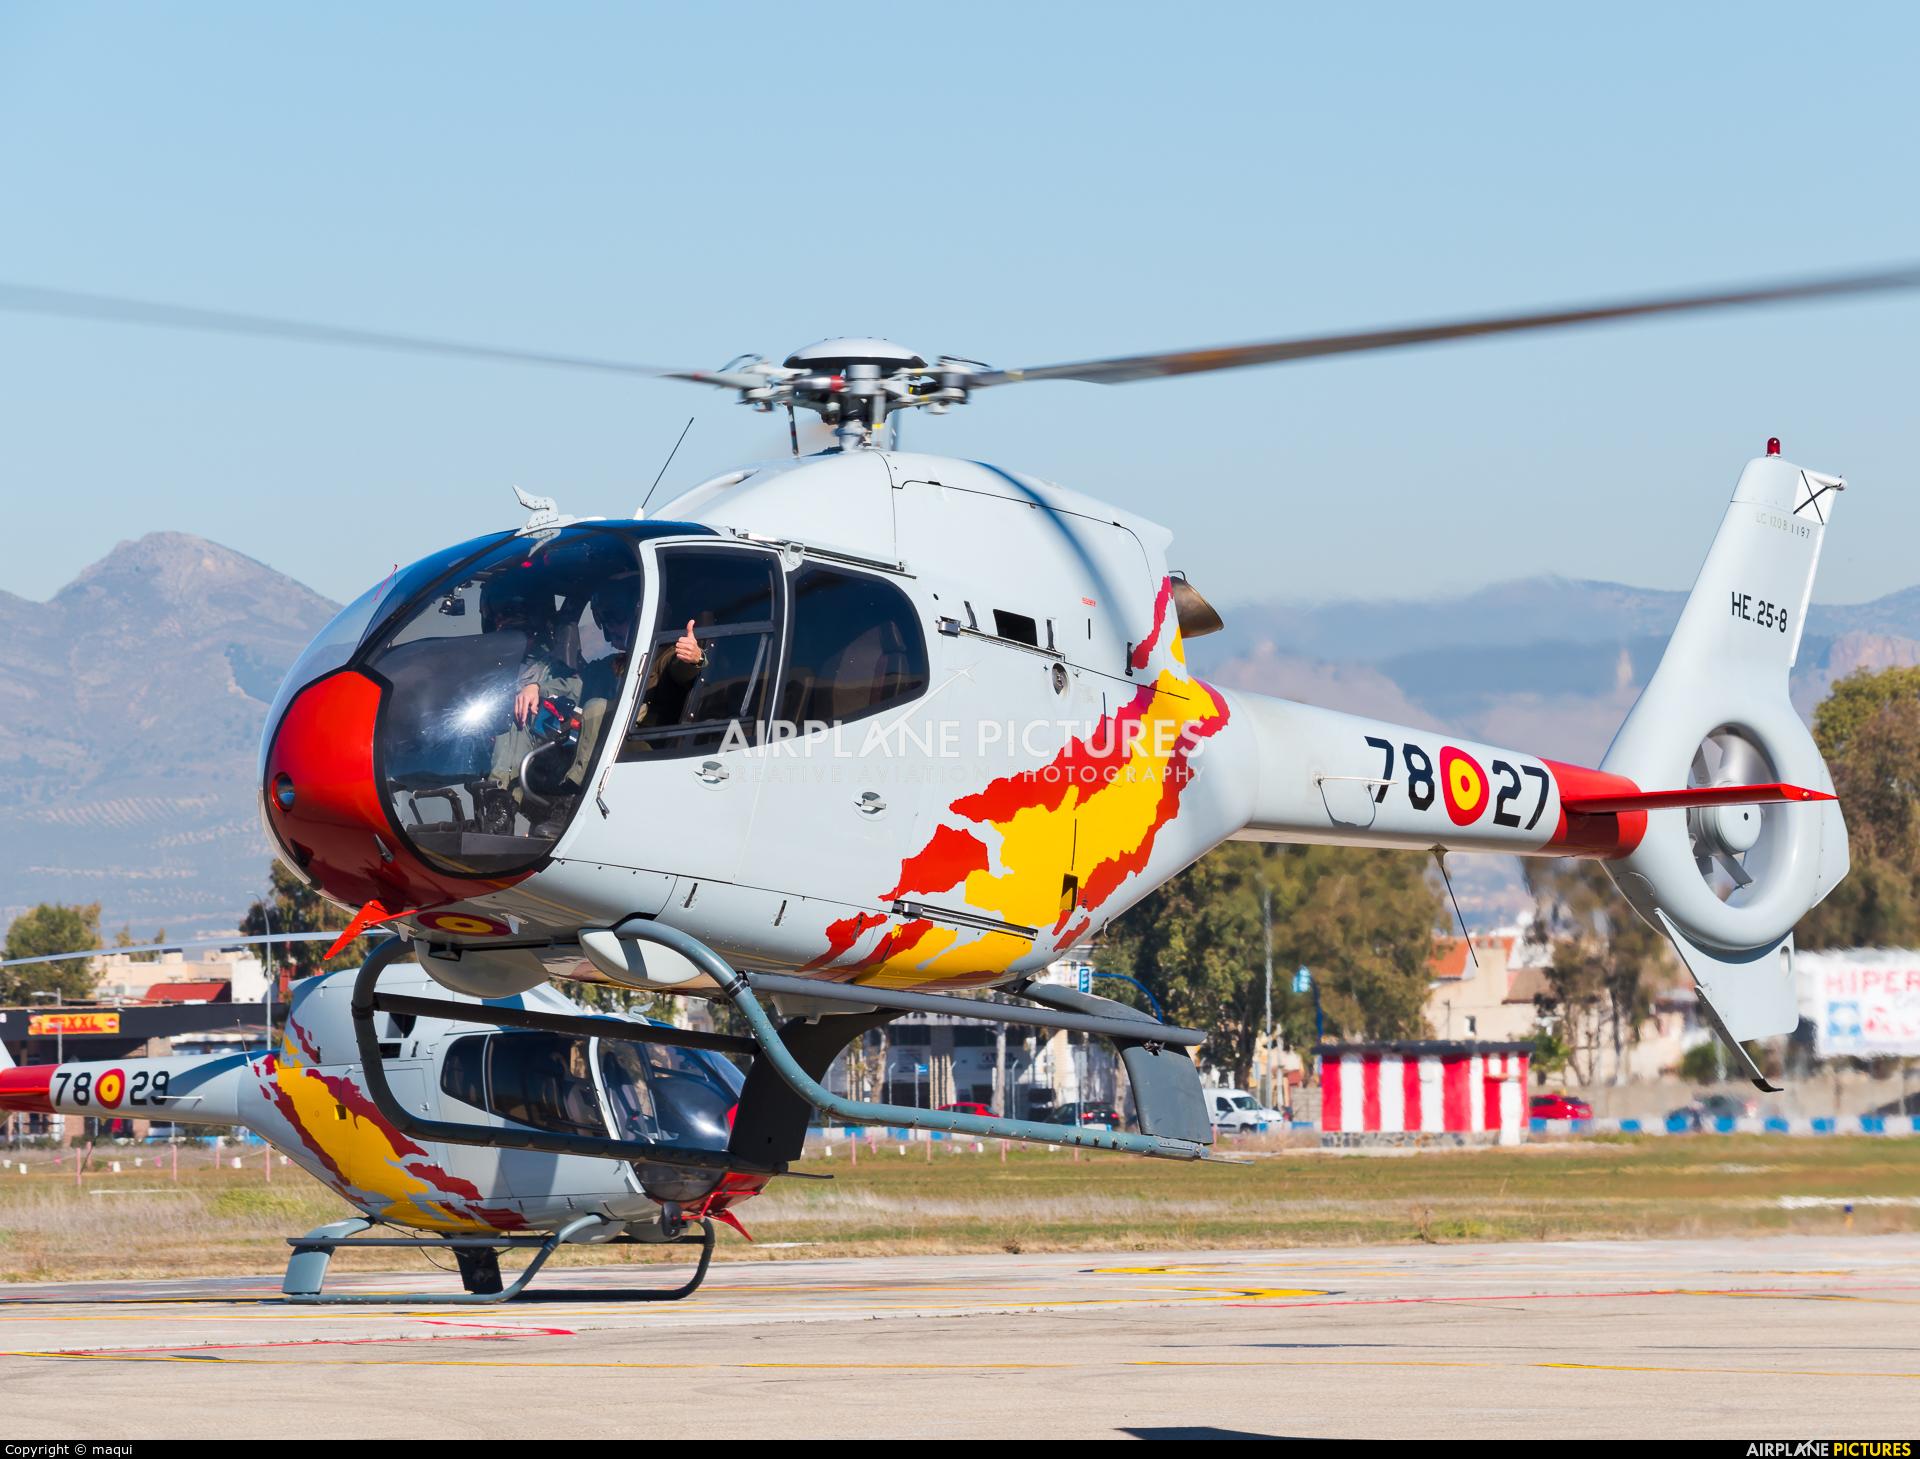 Spain - Air Force: Patrulla ASPA HE.25-8 aircraft at Granada - Armilla